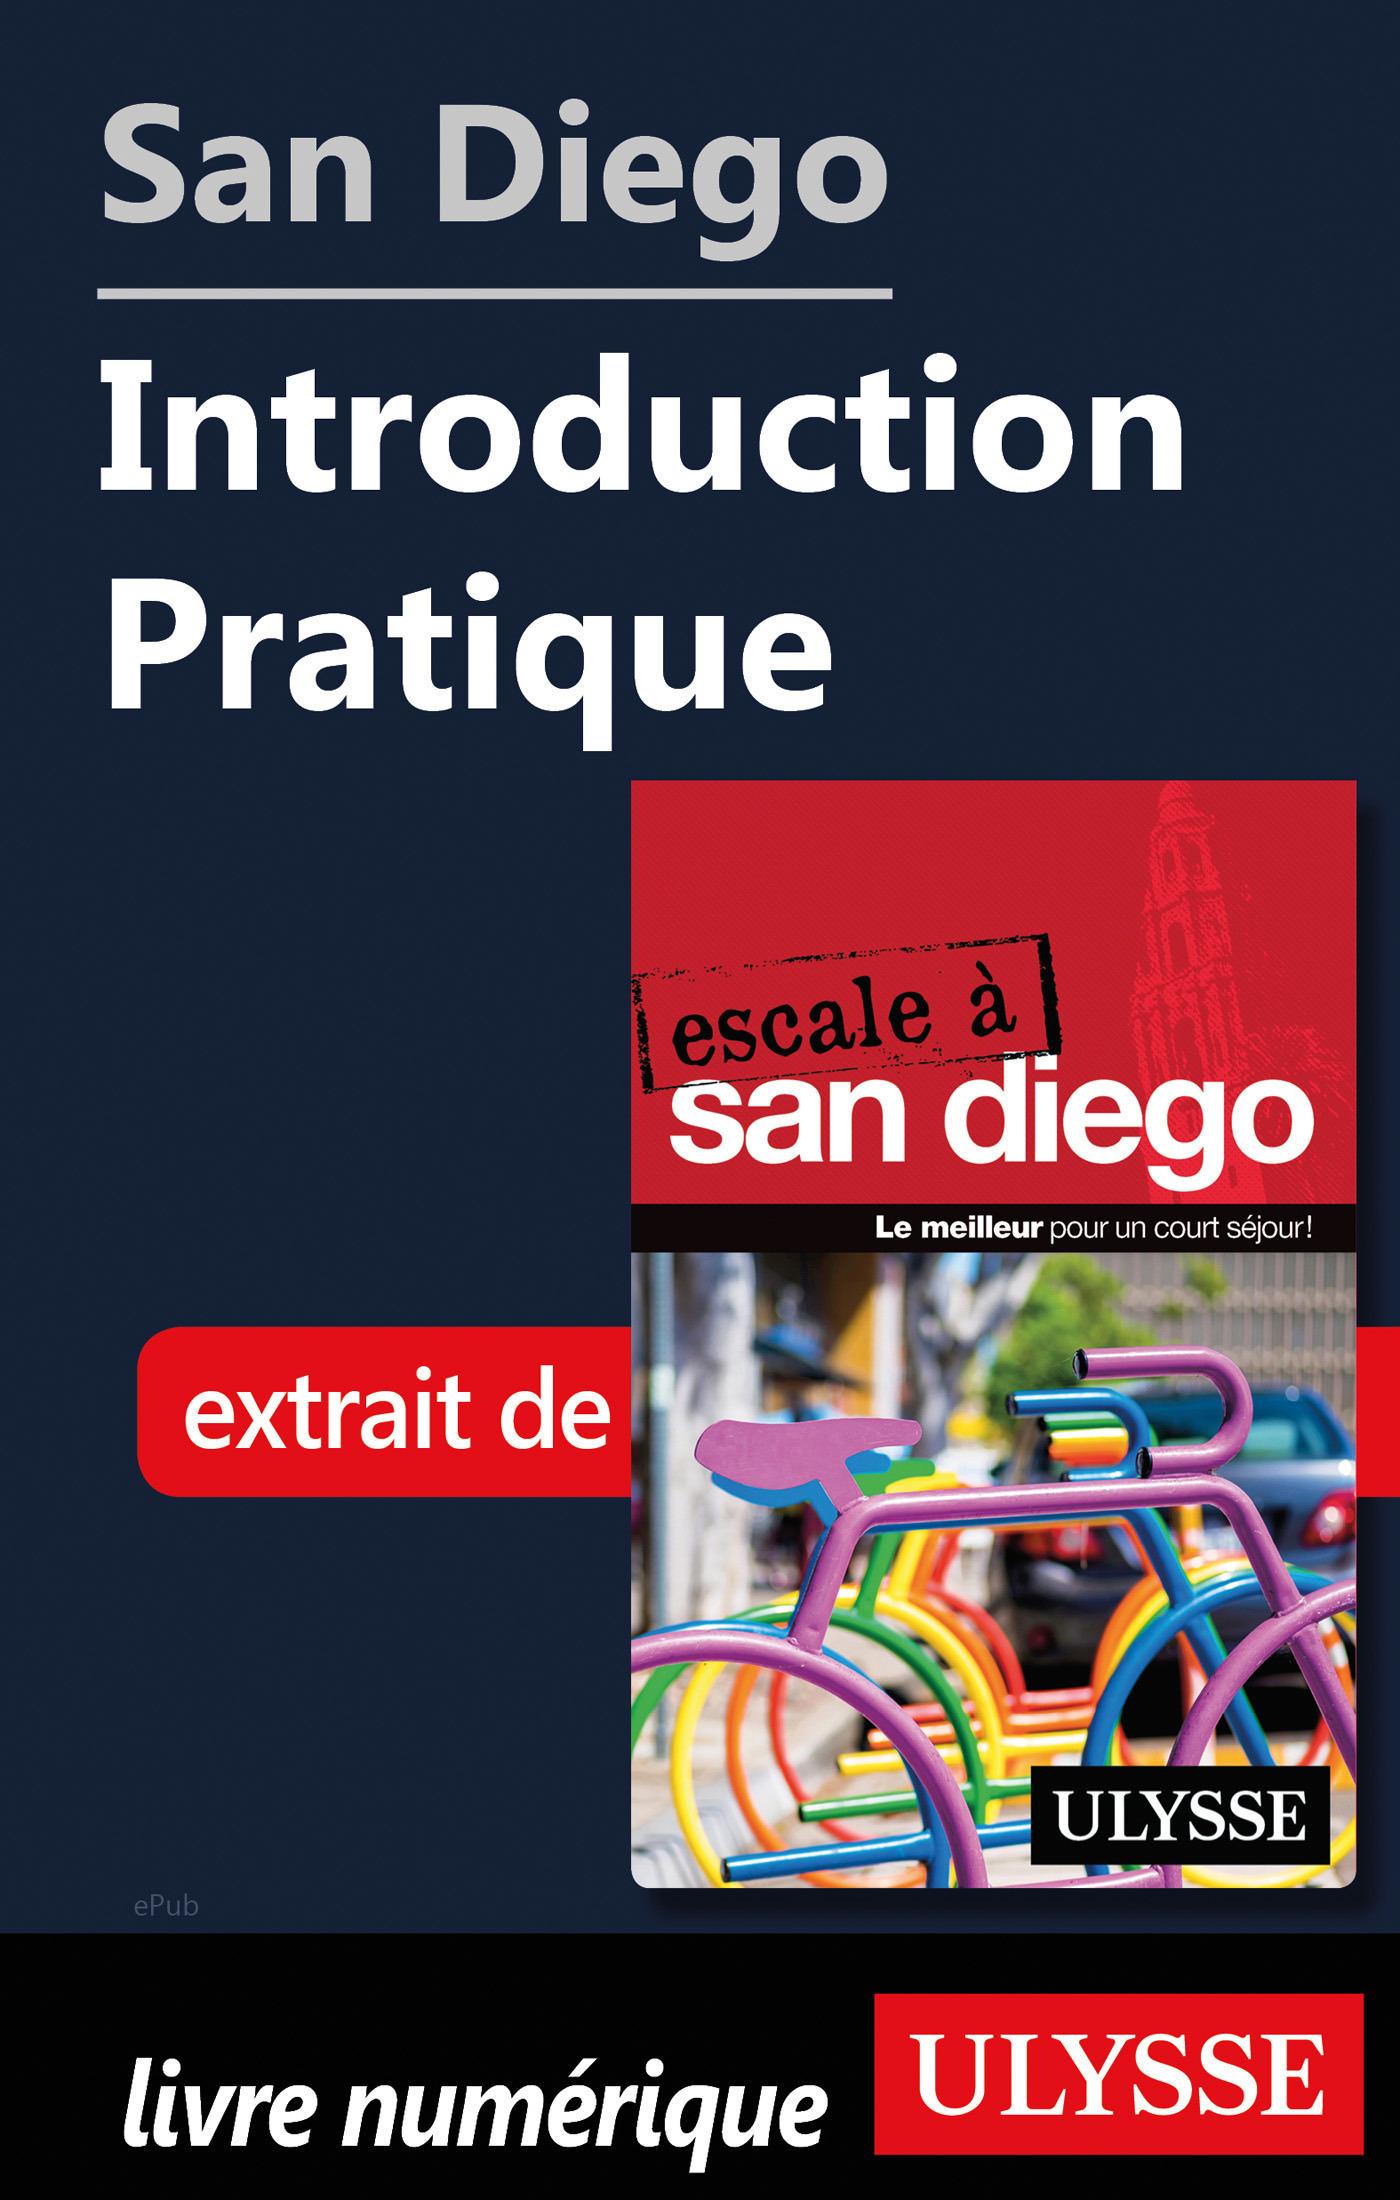 San Diego - Introduction Pratique